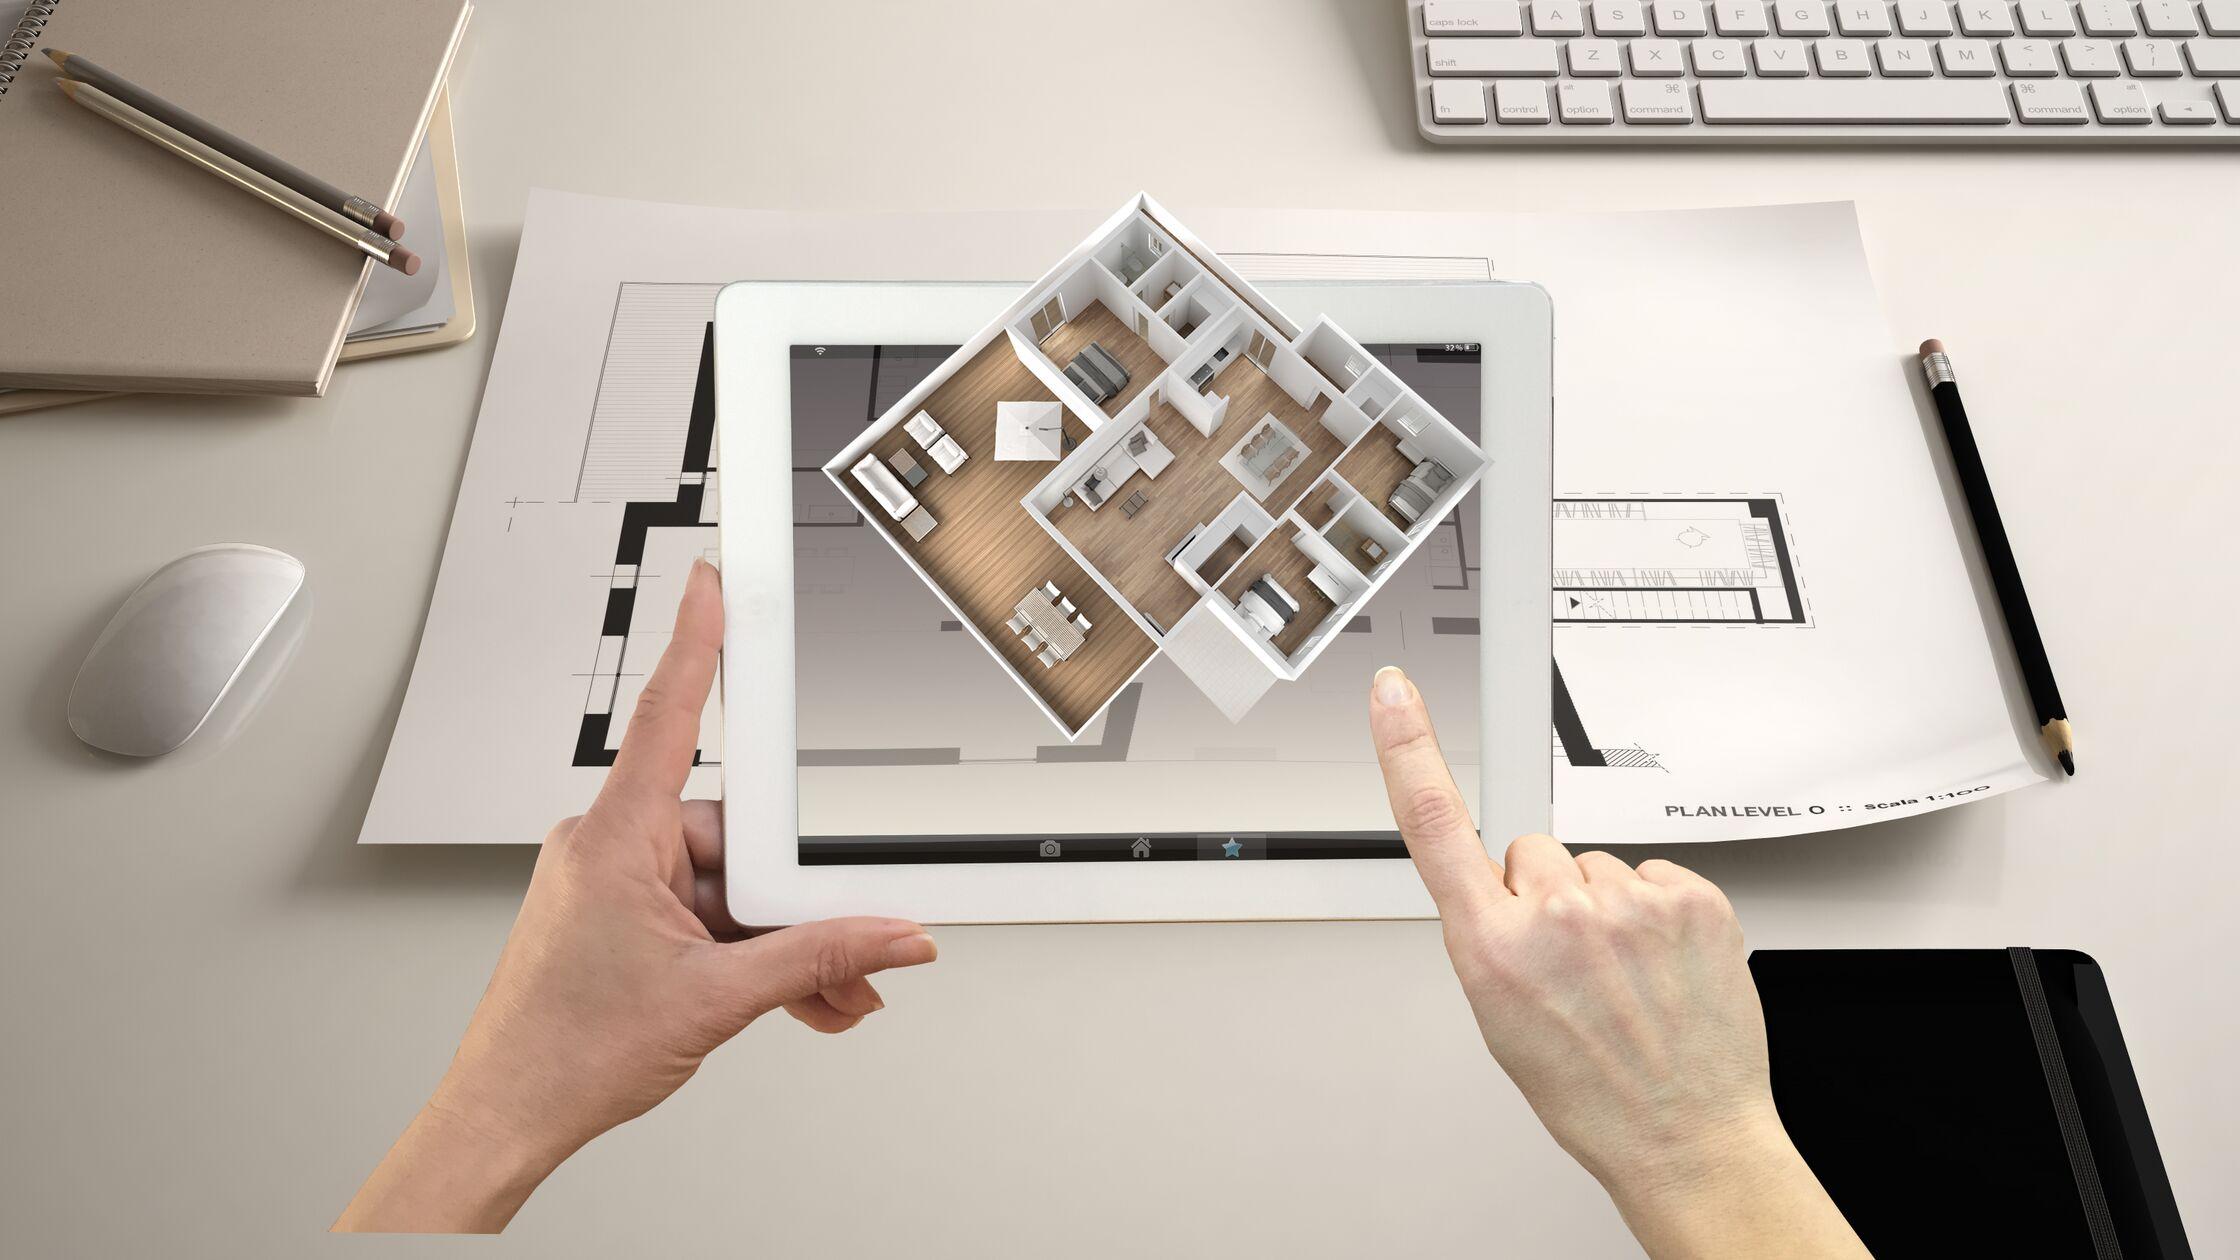 Wohnung einrichten am iPad